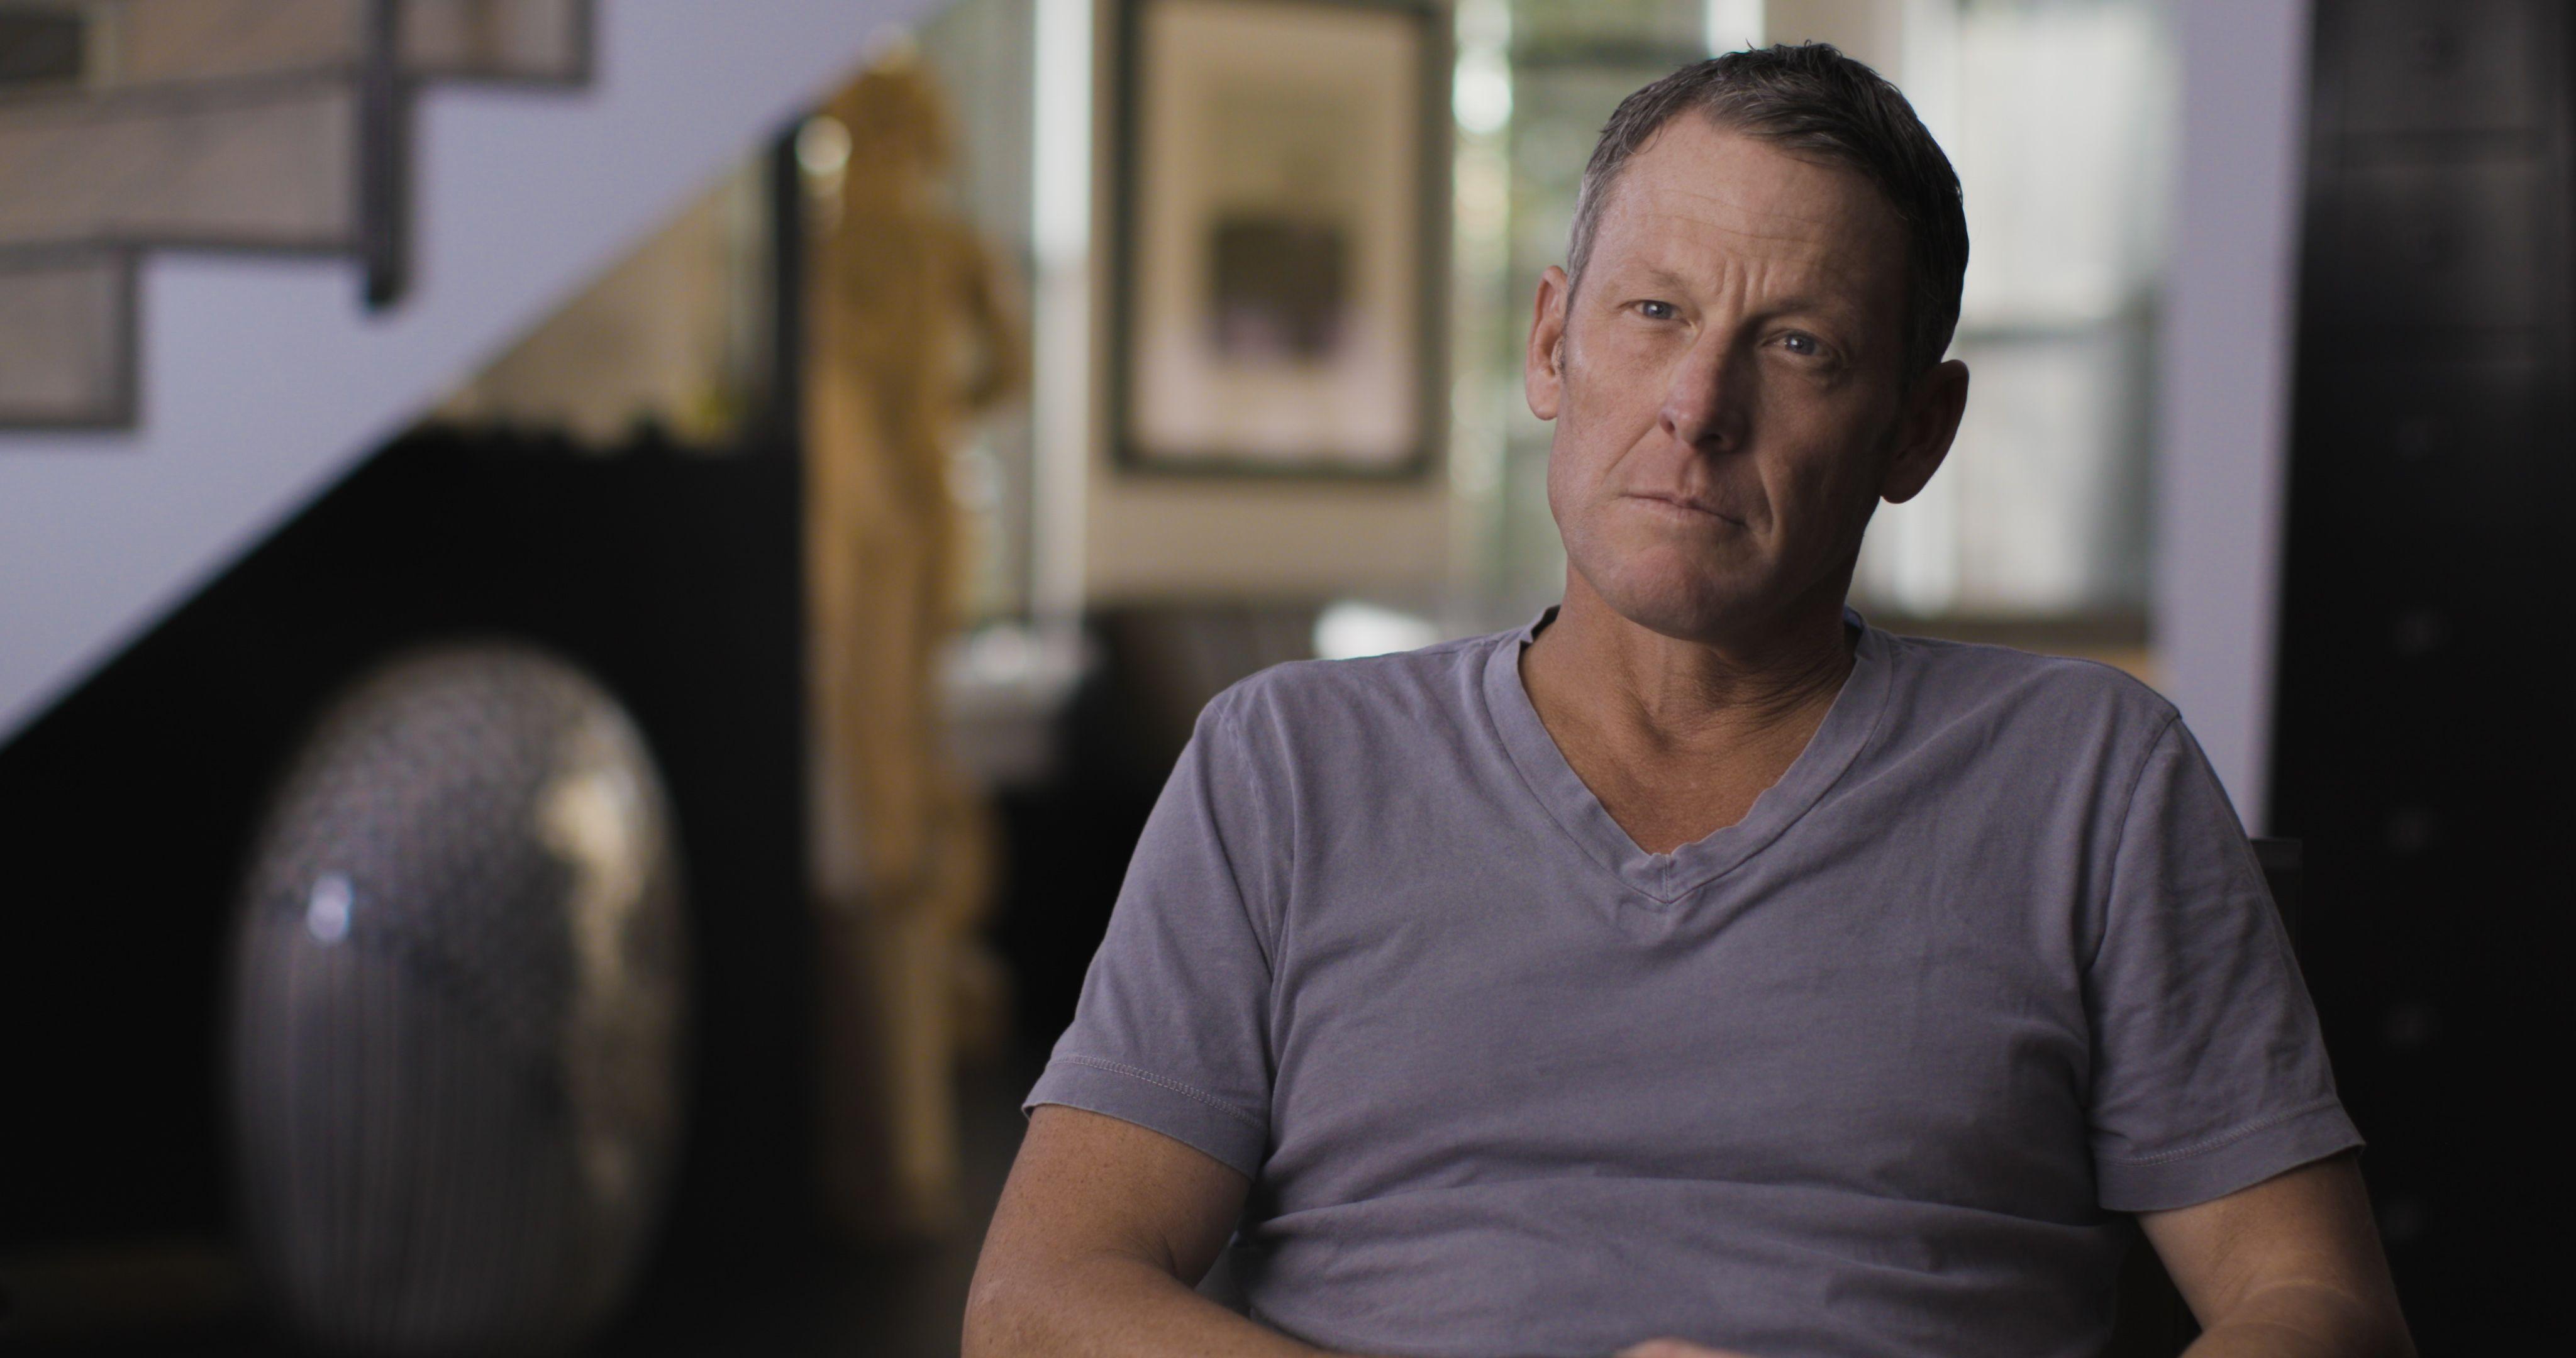 Lance Armstrong explica su caso de dopaje en '30 por 30', el nuevo documental de ESPN